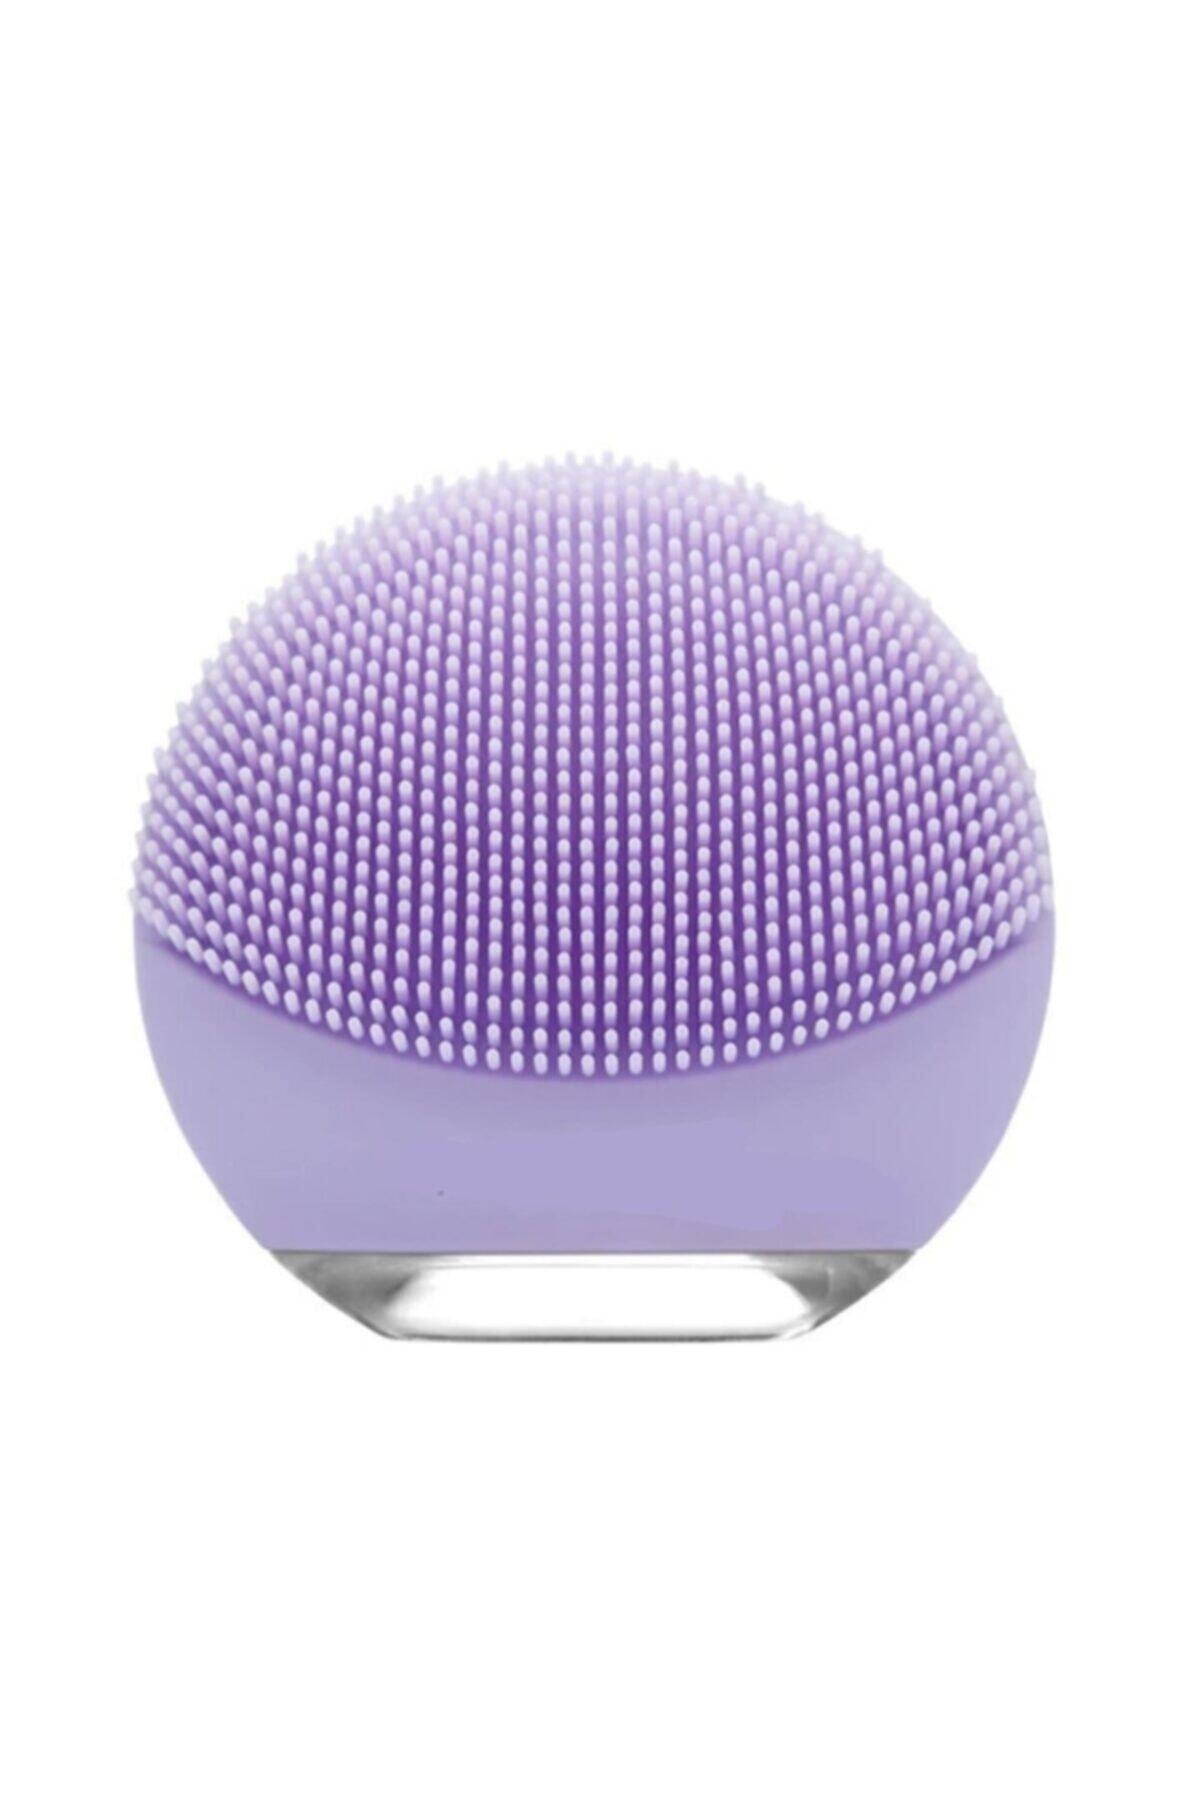 Pro 2 Şarz Edilebilir Yüz Temizleme Cihazı